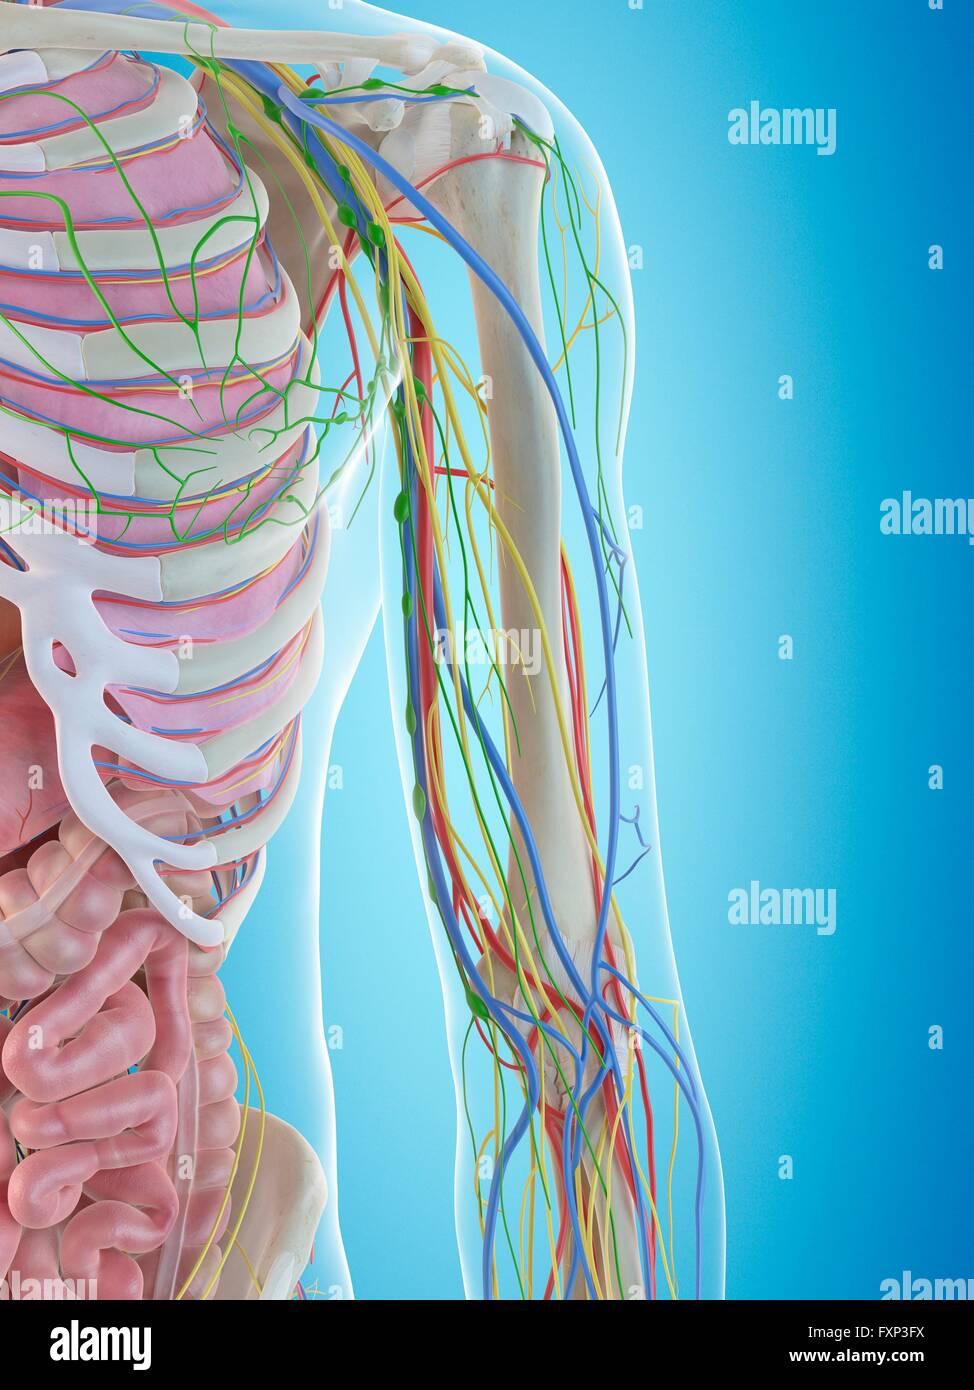 Menschlicher Arm Anatomie, Computer Bild Stockfoto, Bild: 102518638 ...